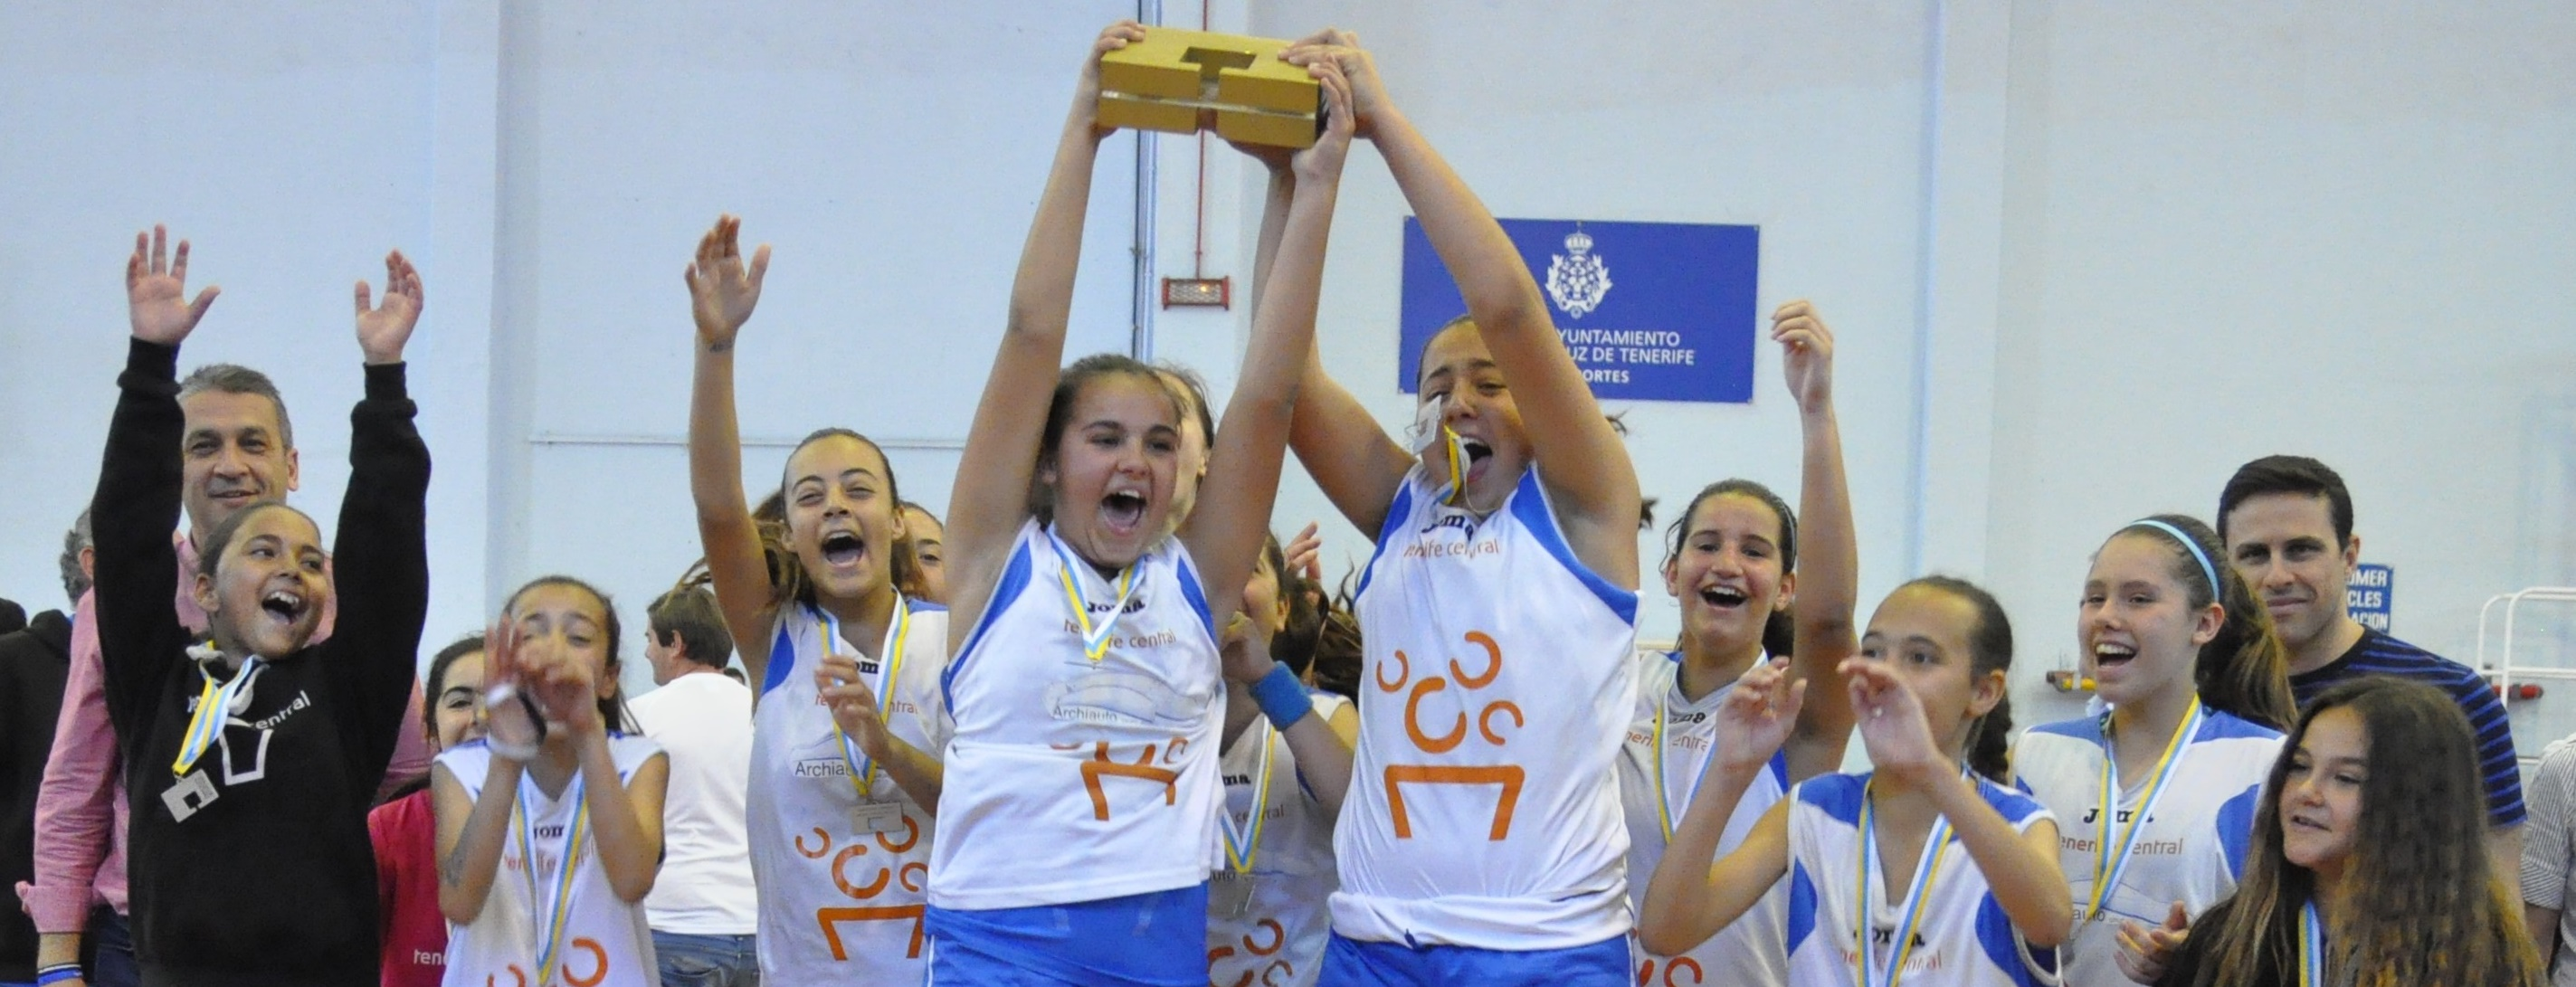 El Preinfantil Tenerife Central, campeón de Canarias